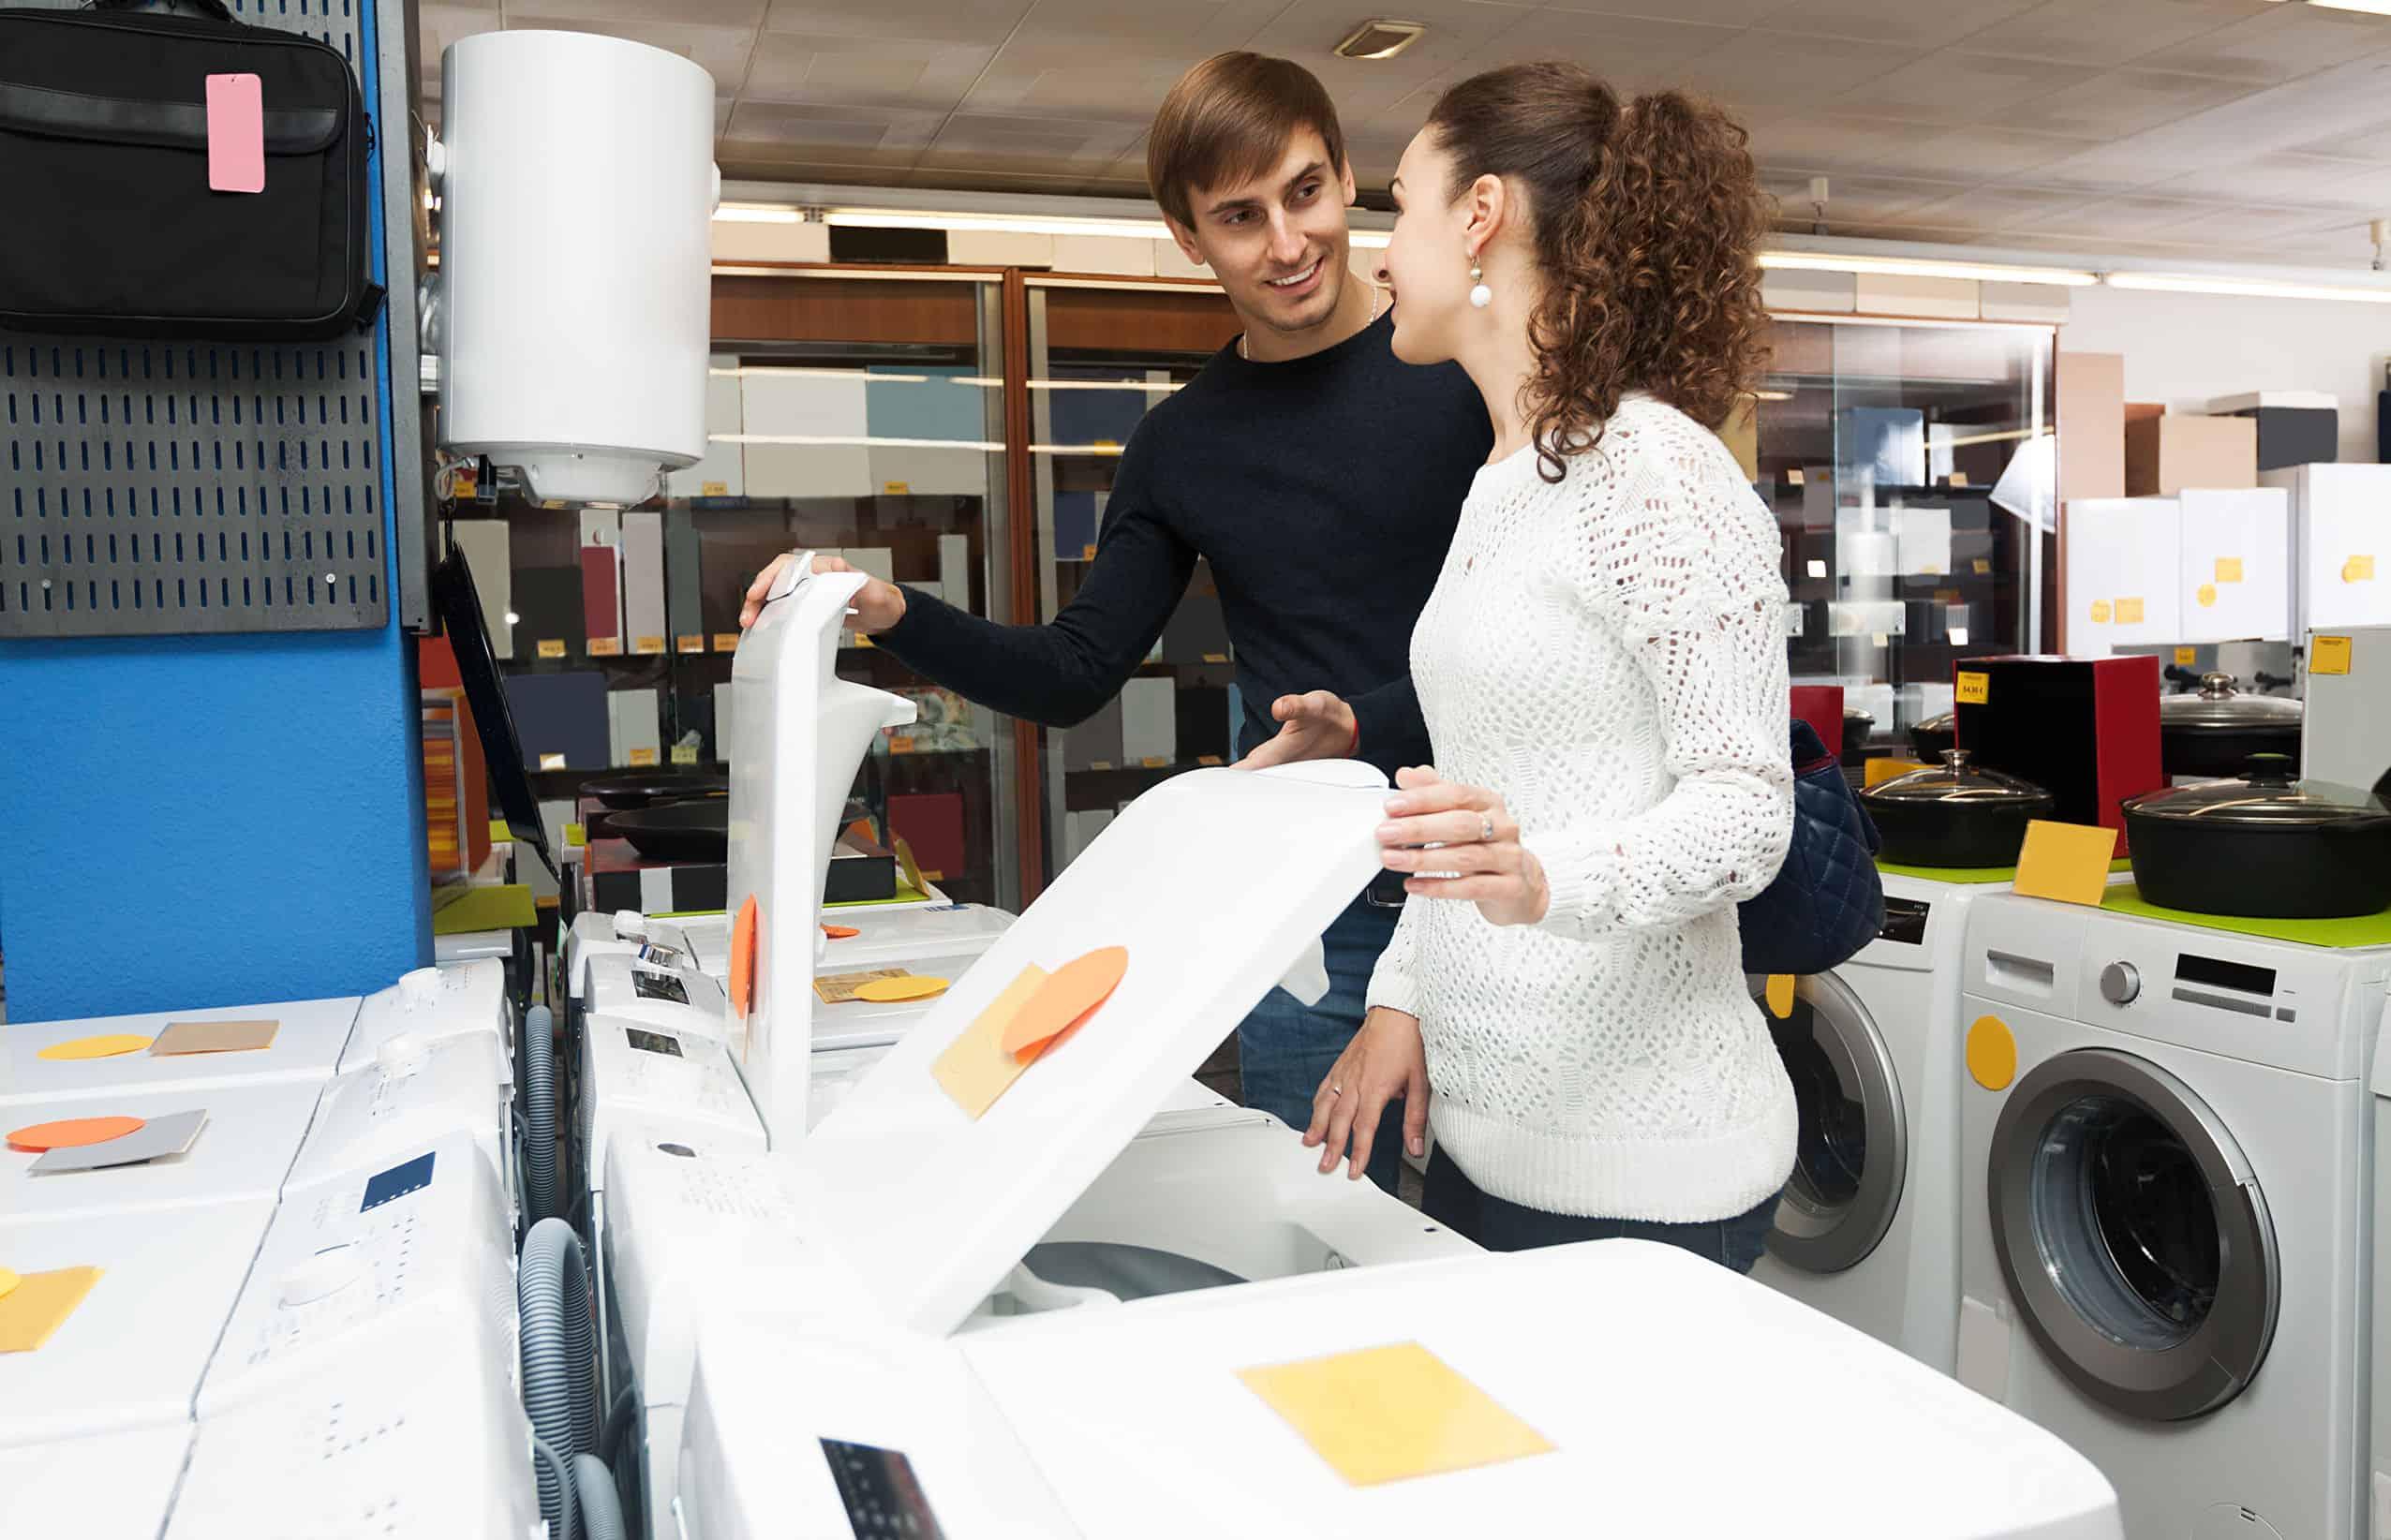 Toplader Waschmaschine: Test & Empfehlungen (02/20)